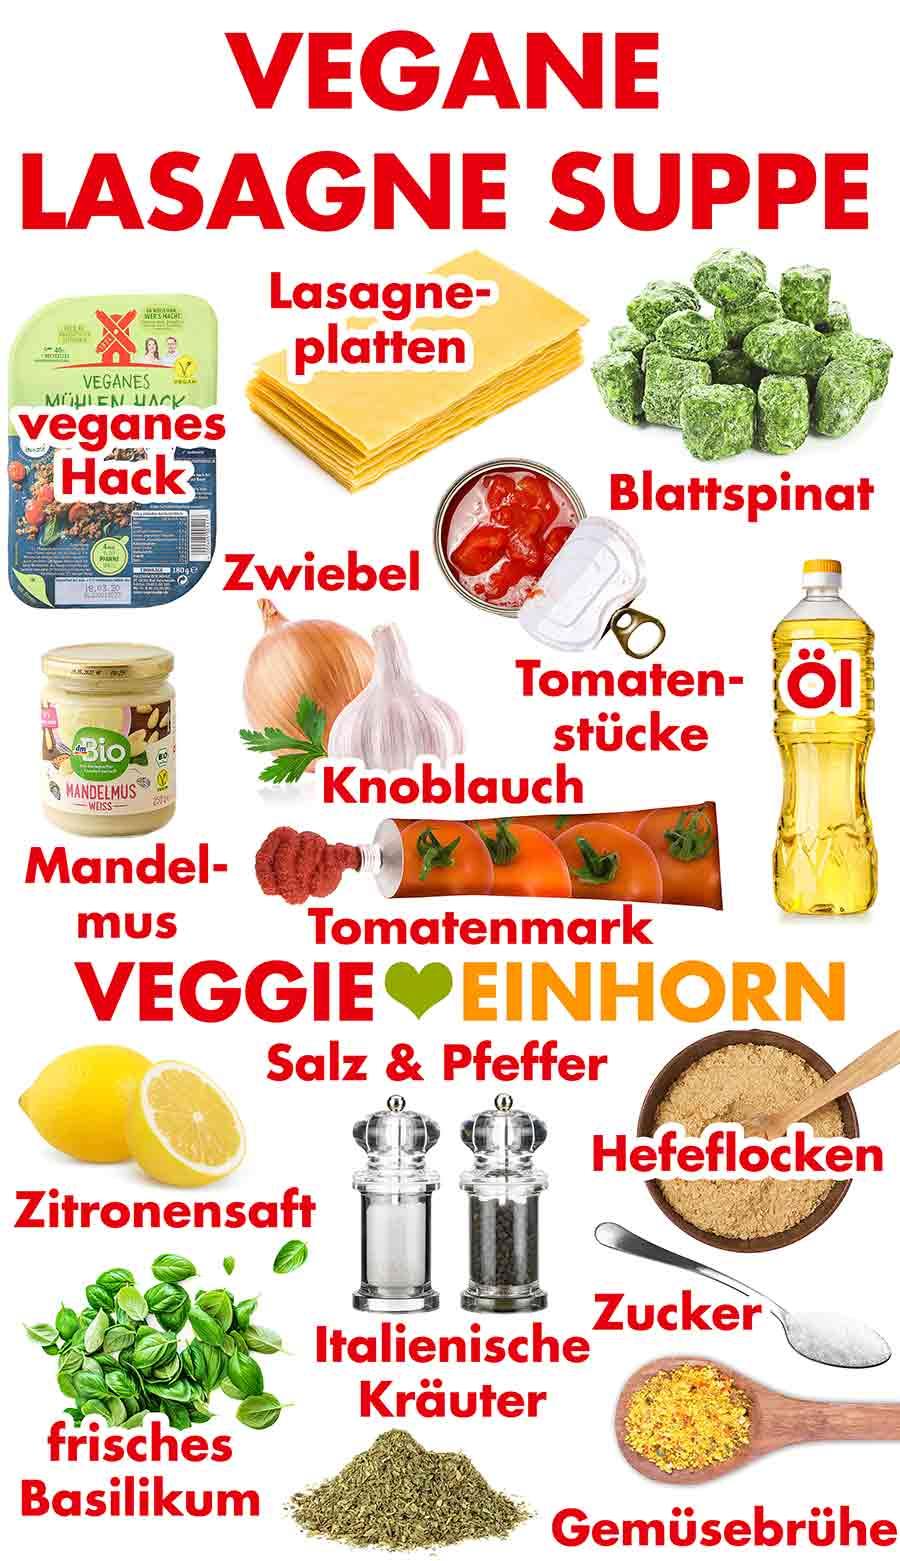 Zutaten für die vegane Lasagne Suppe